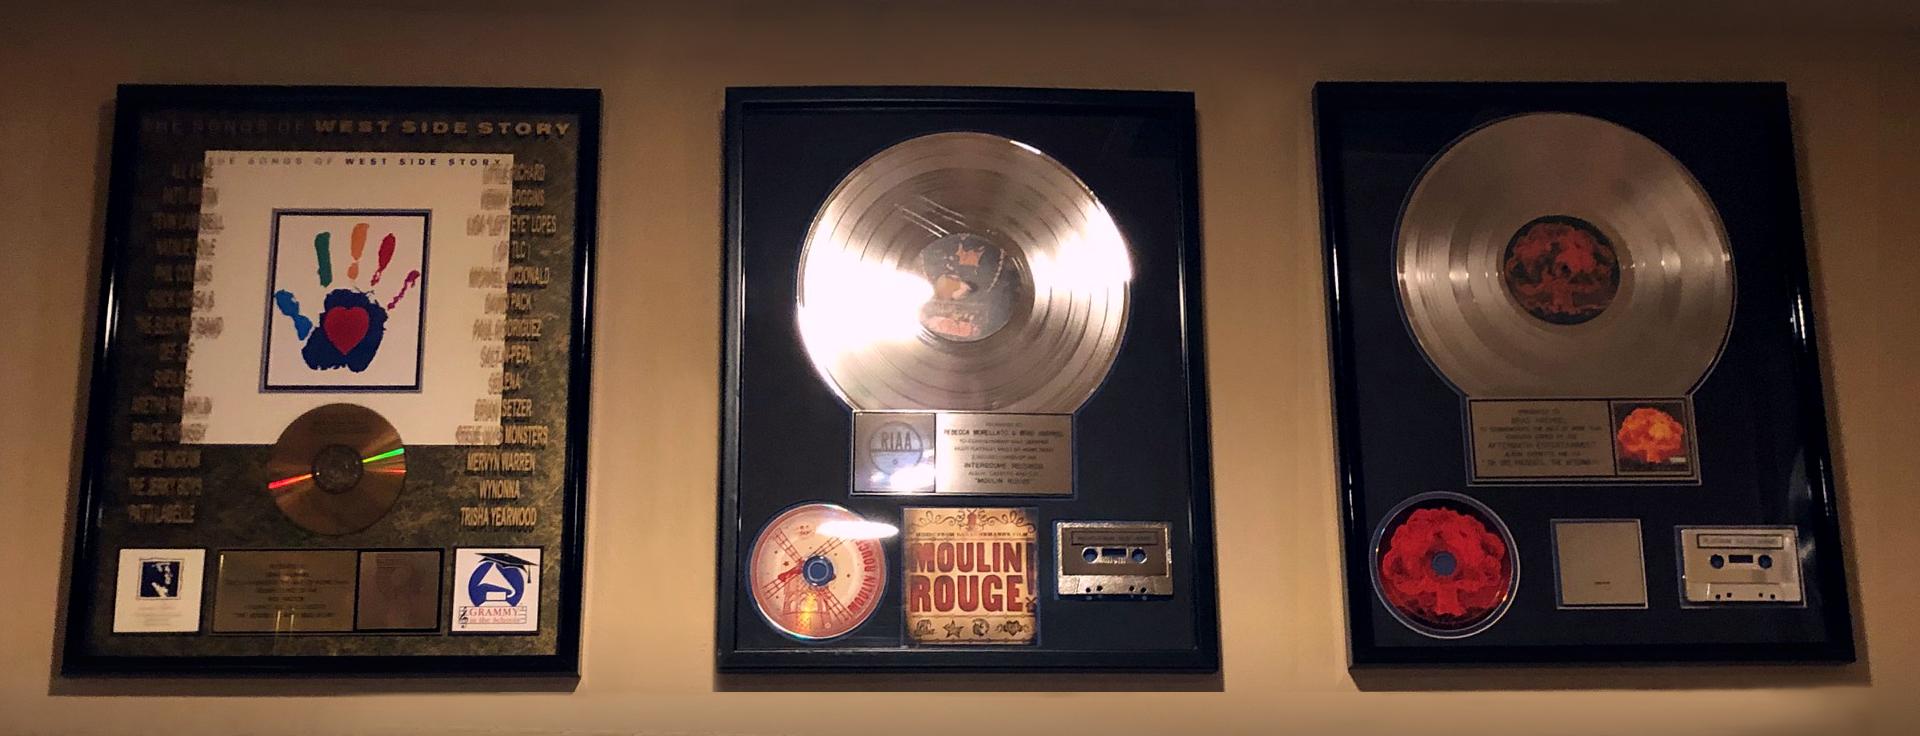 Brad Haehnel various awards for work in film.